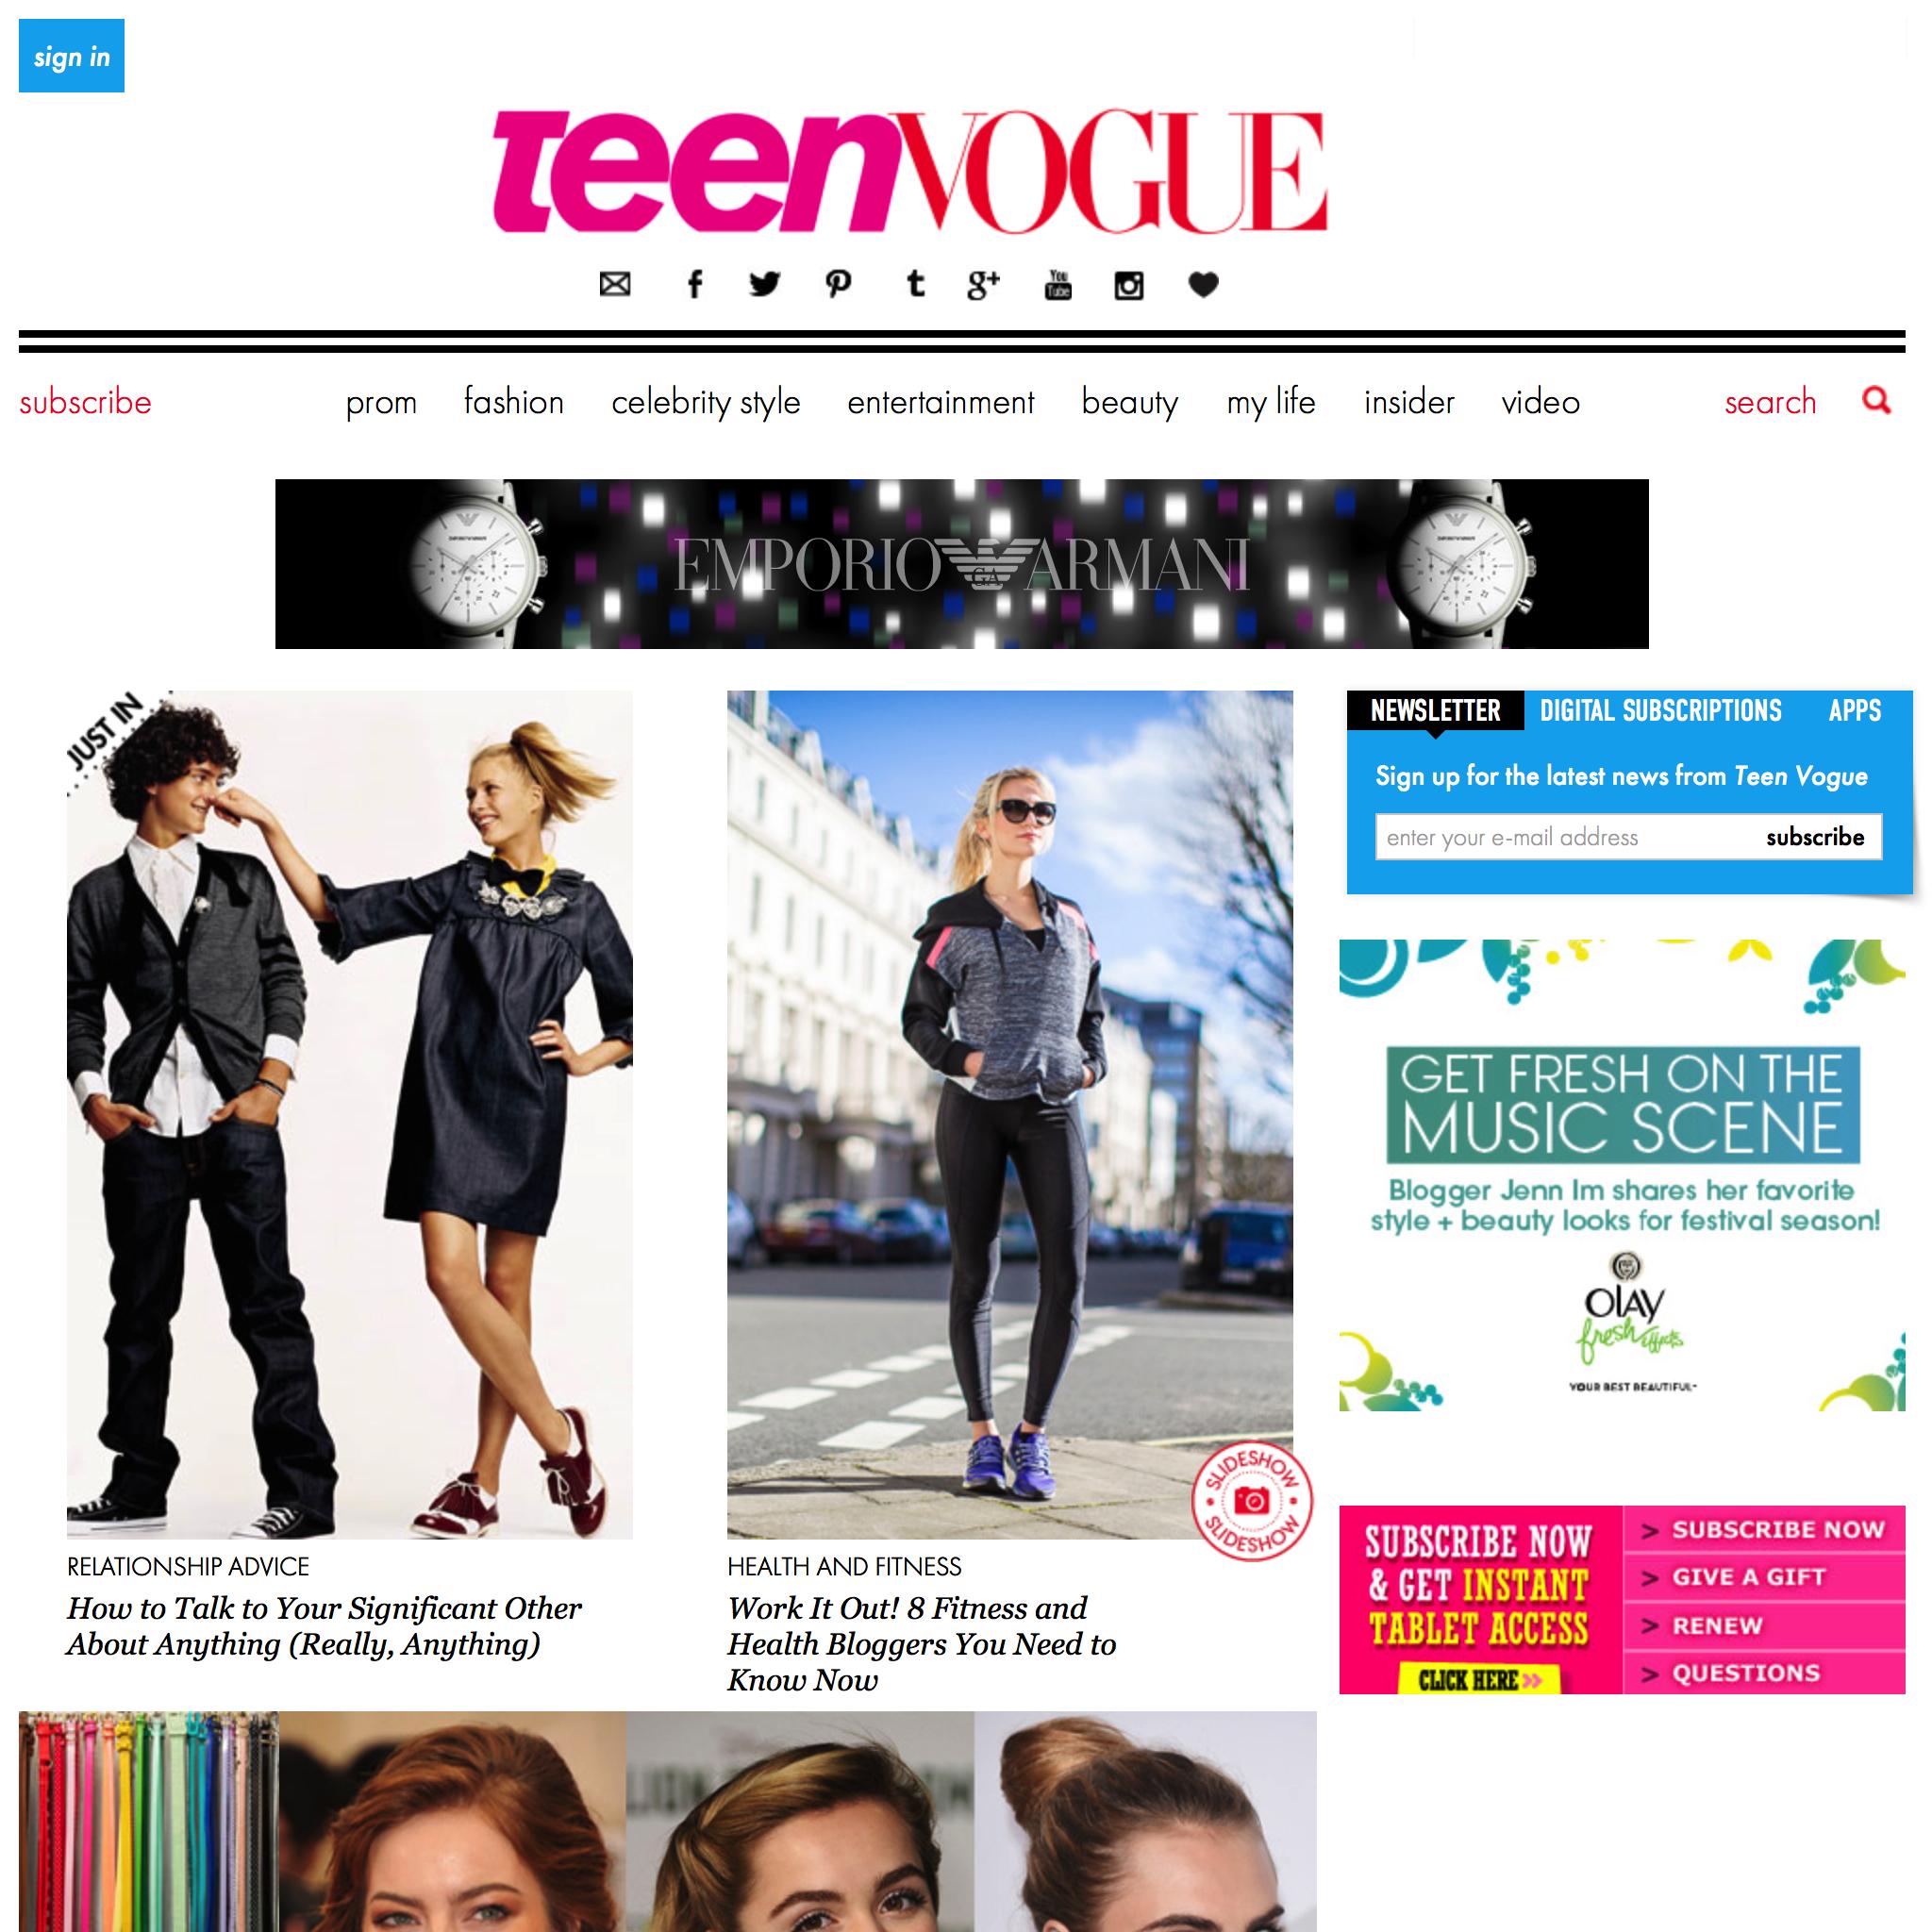 TeenVogueScreenshot16thJune2014